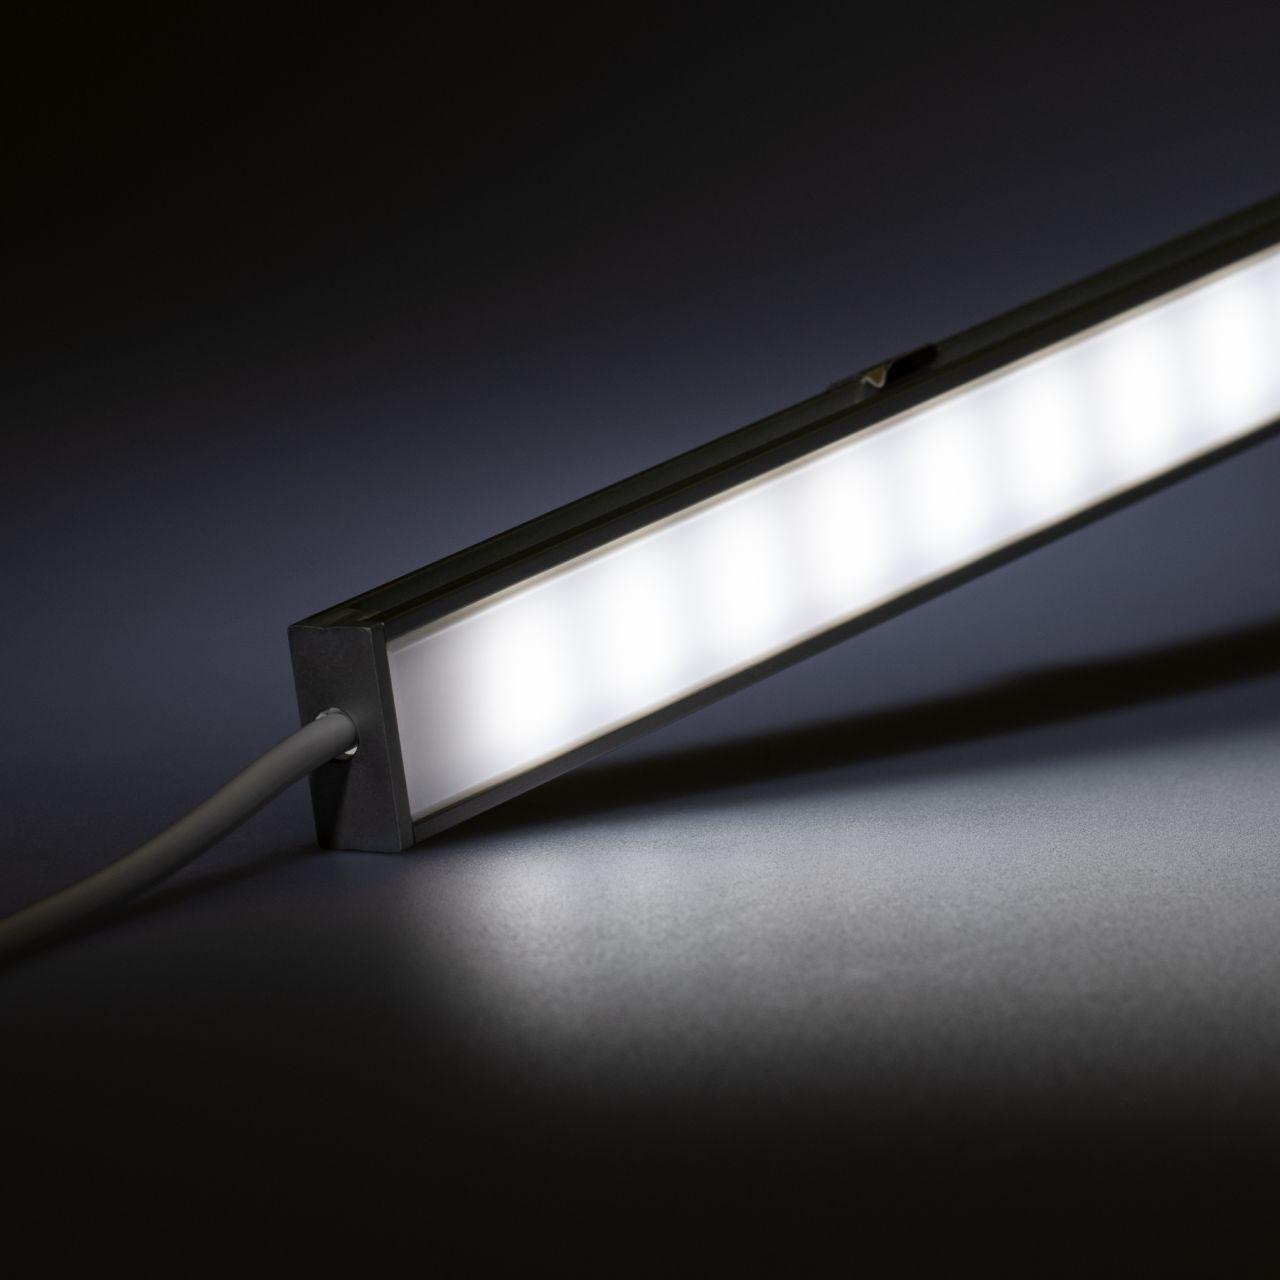 12V Aluminium LED Leiste mit wasserfester Abdeckung– weiß – diffuse Abdeckung - IP65